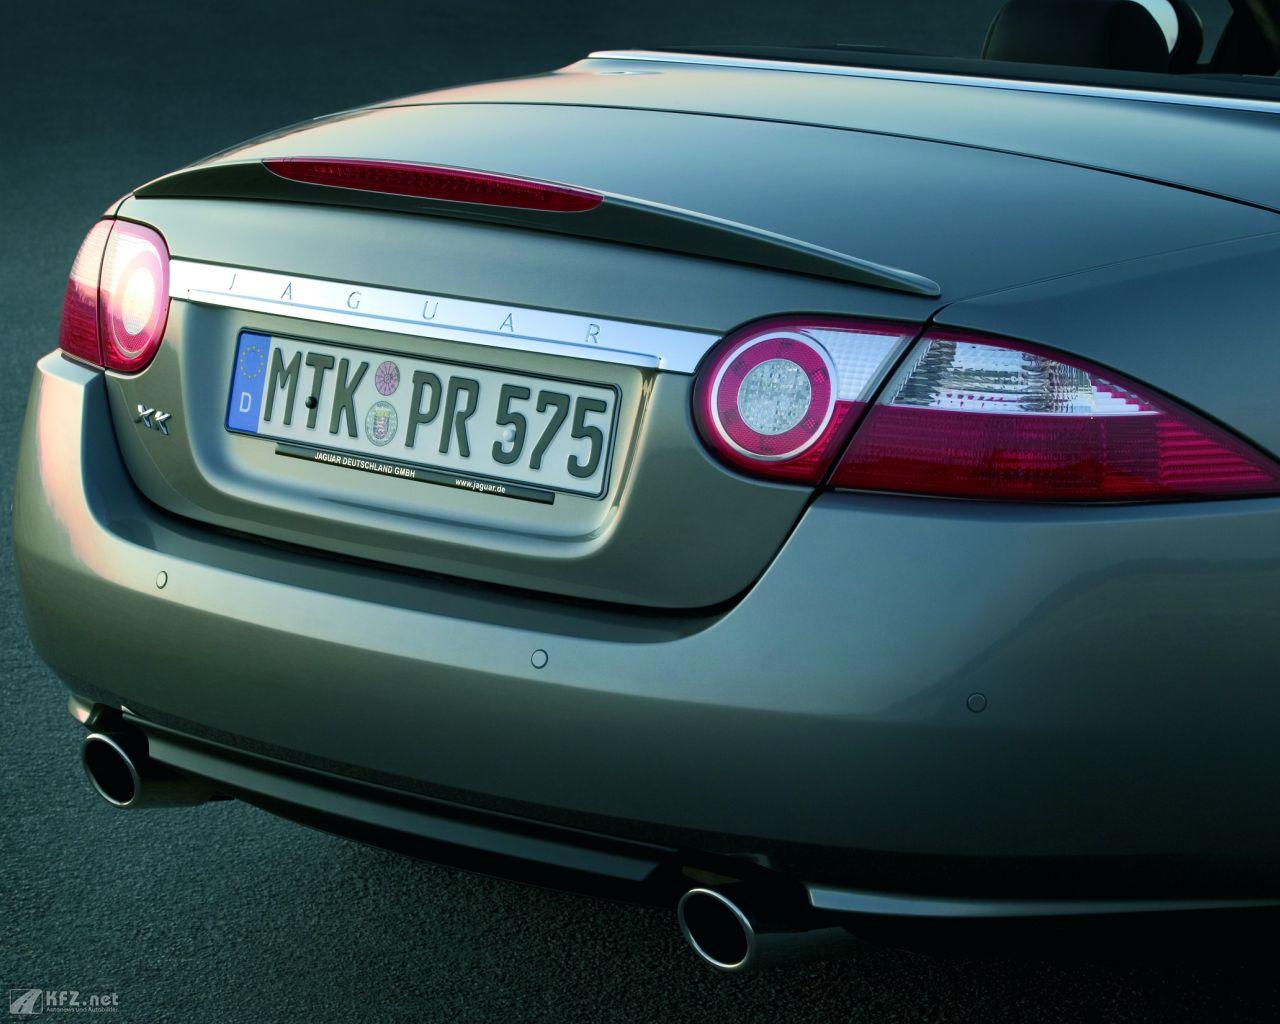 jaguar-xk8-1280x1024-3